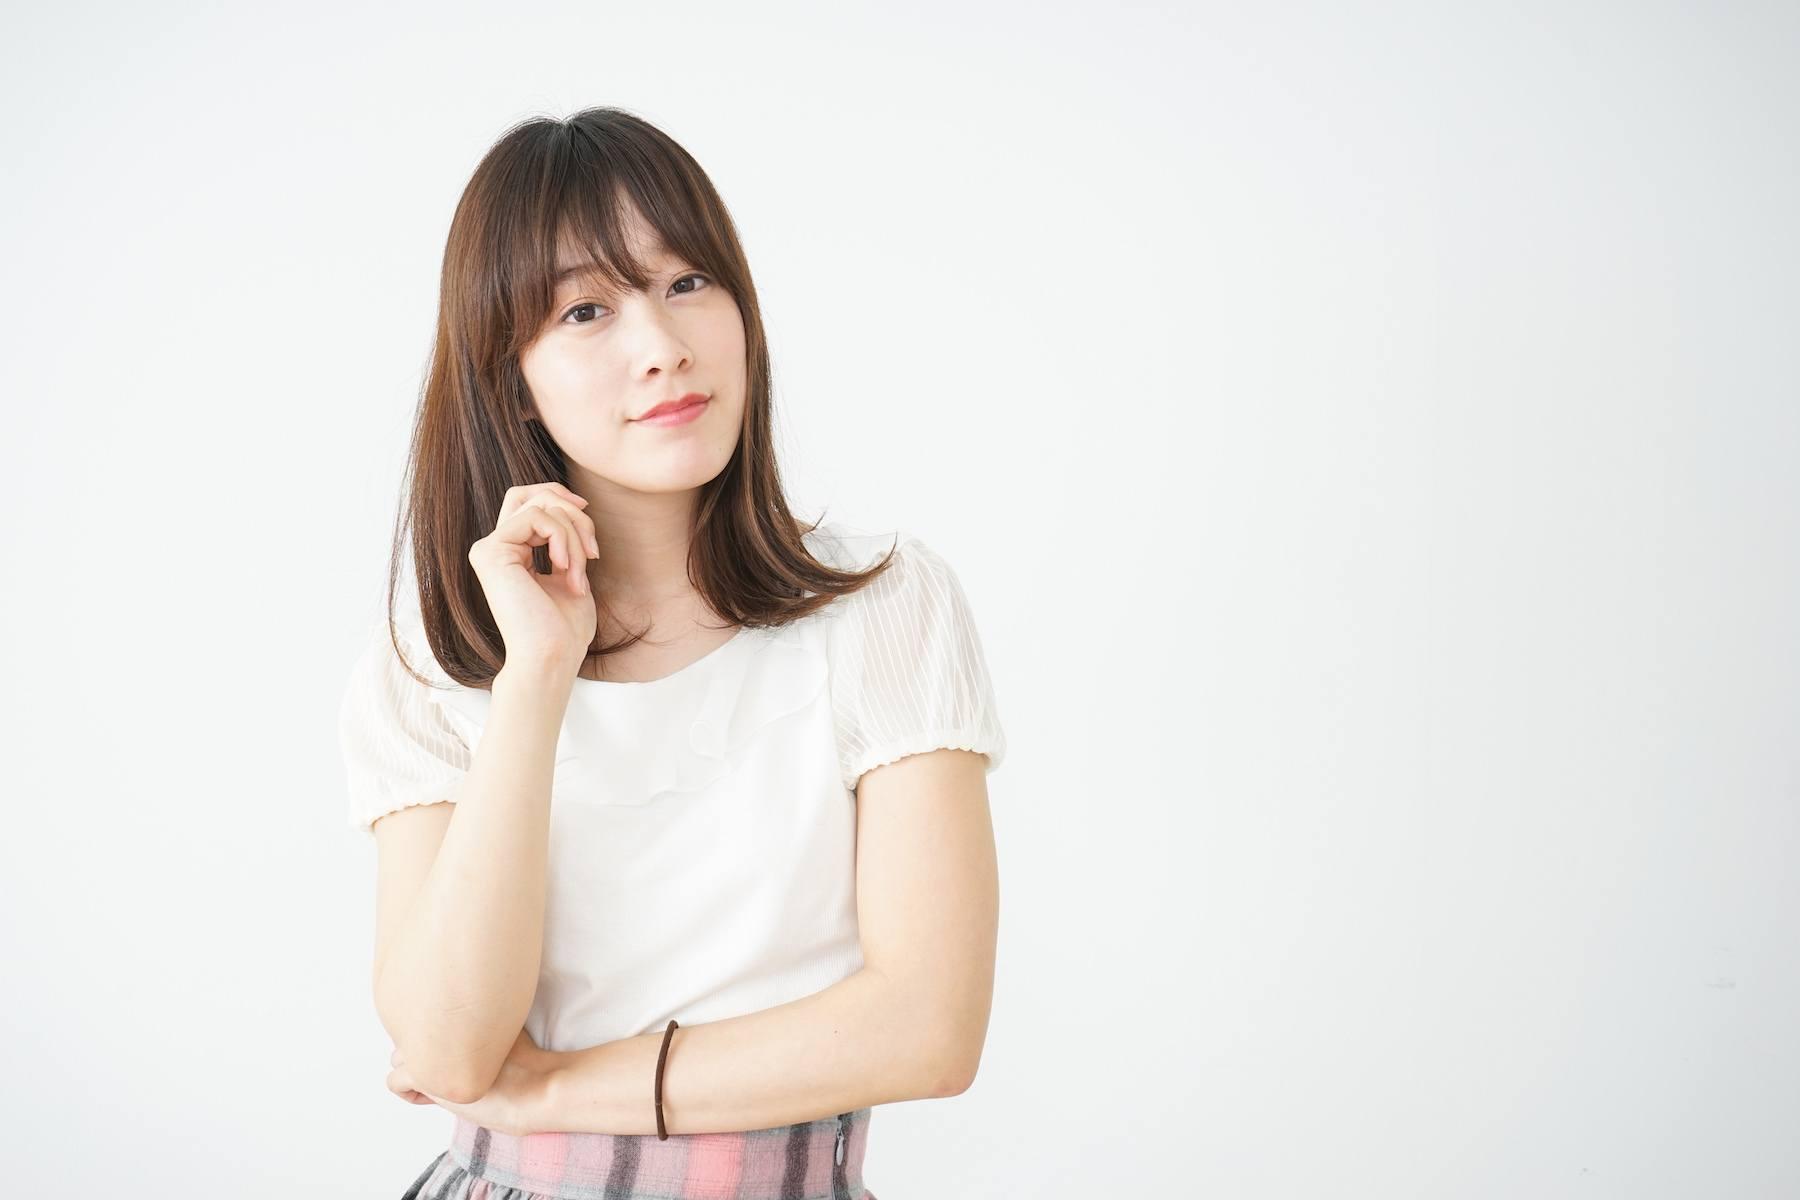 Wanita asia dengan model rambut sebahu untuk wajah bulat dan see through bangs